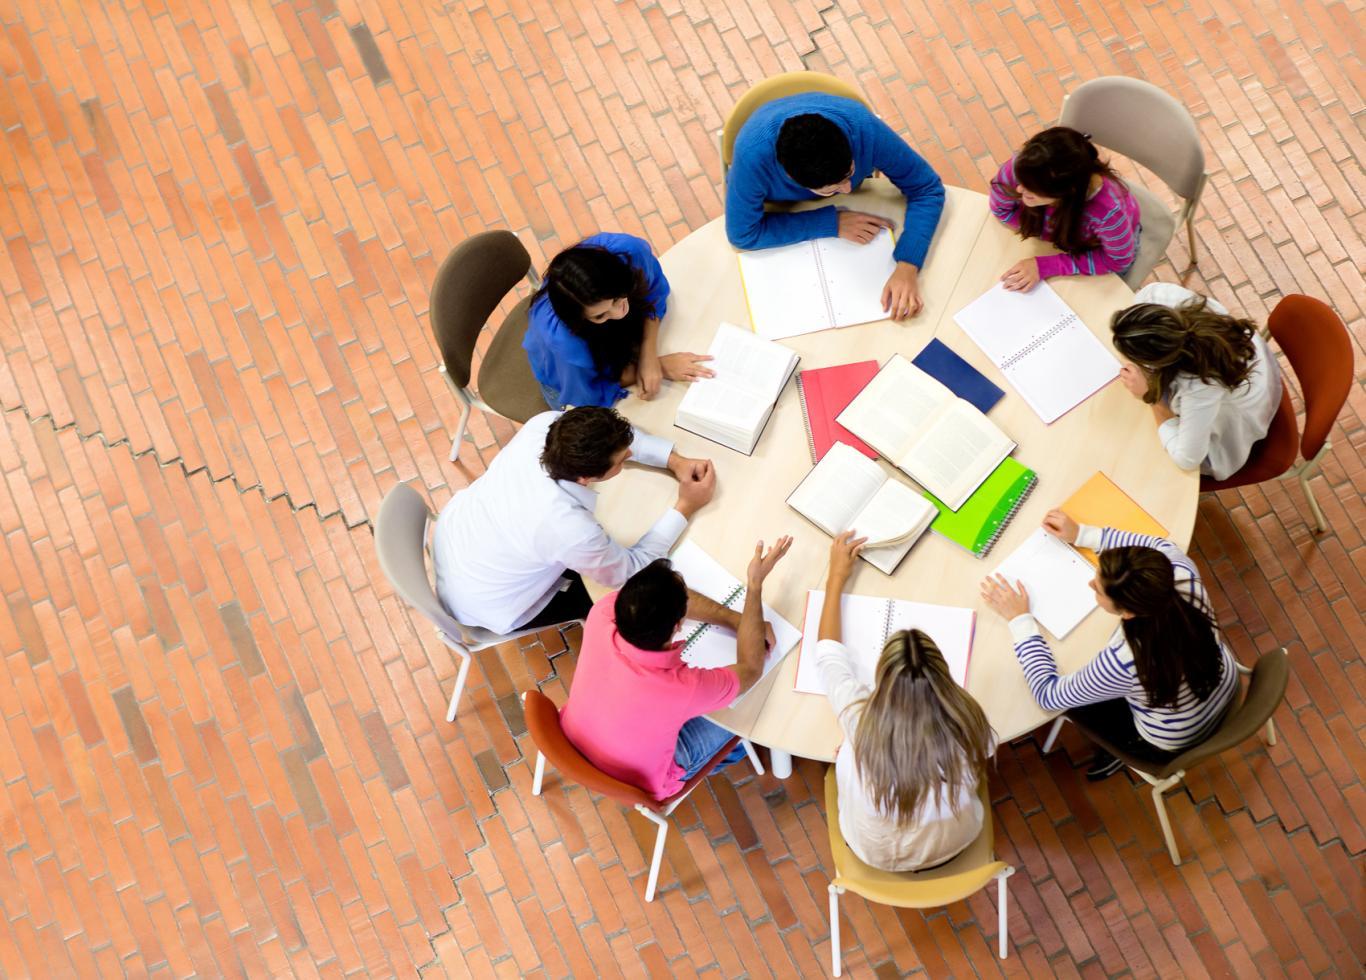 Grupo sentado alrededor de una mesa redonda